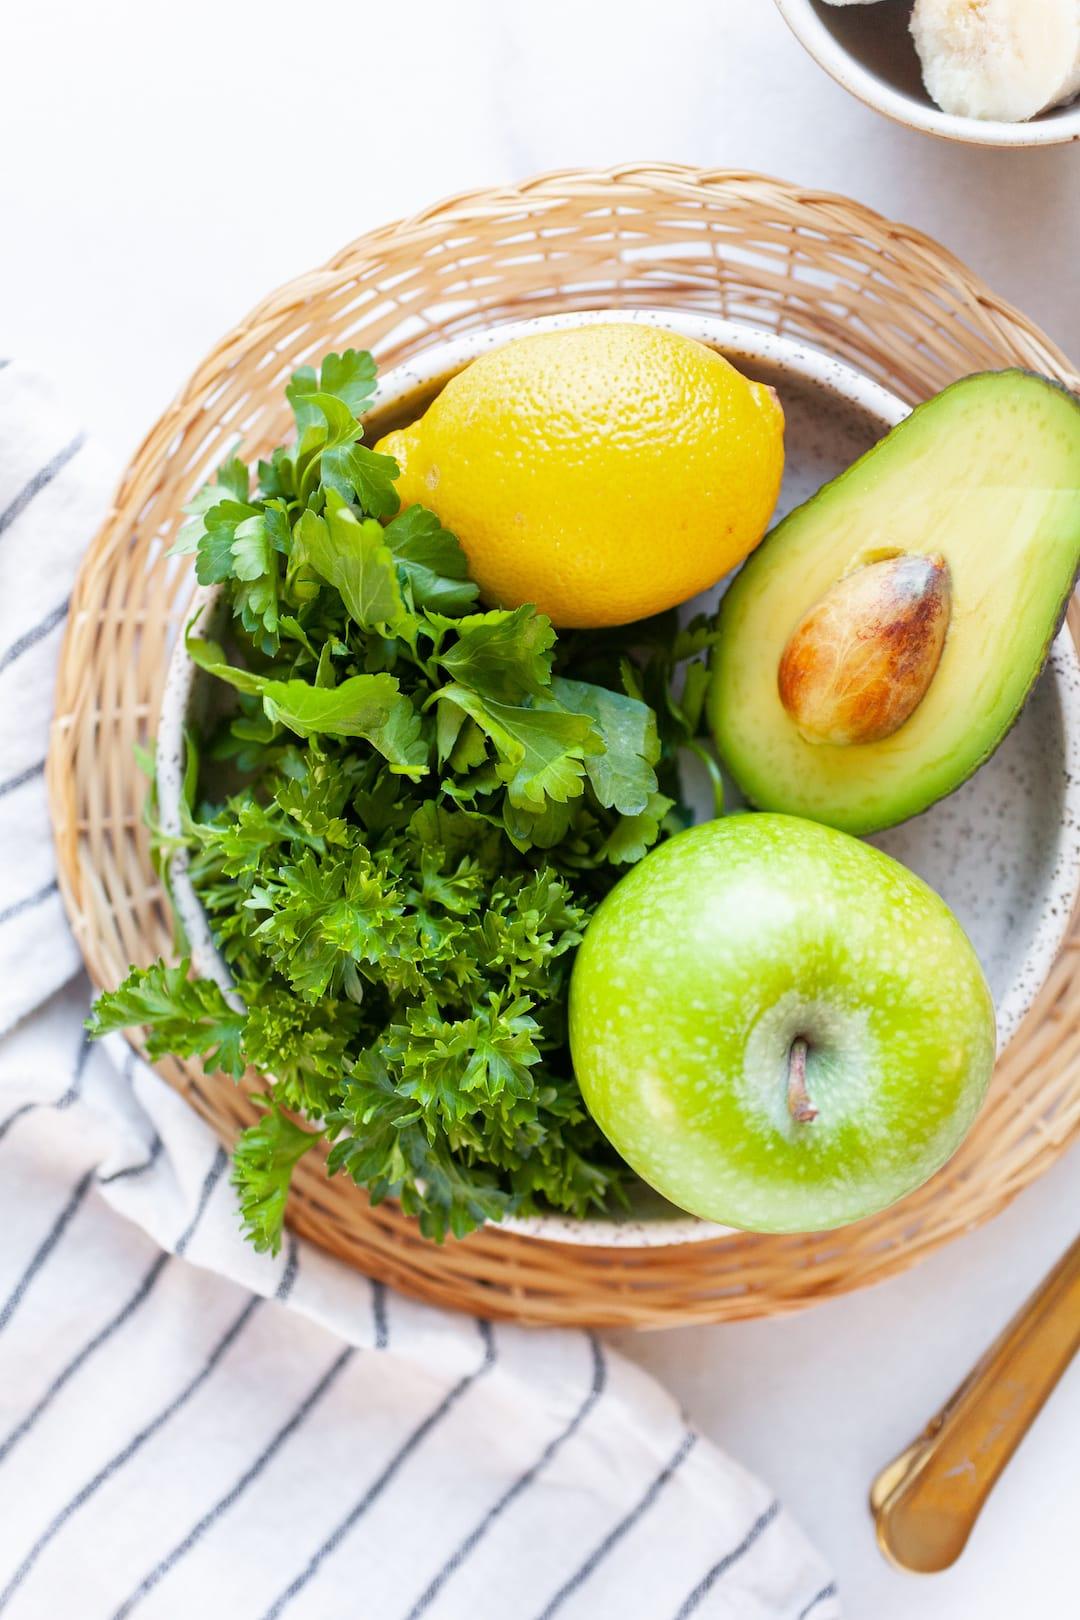 Best Ever Parsley Smoothie Recipe Ingredients - apple, pear, lemon, parsley, banana, honey